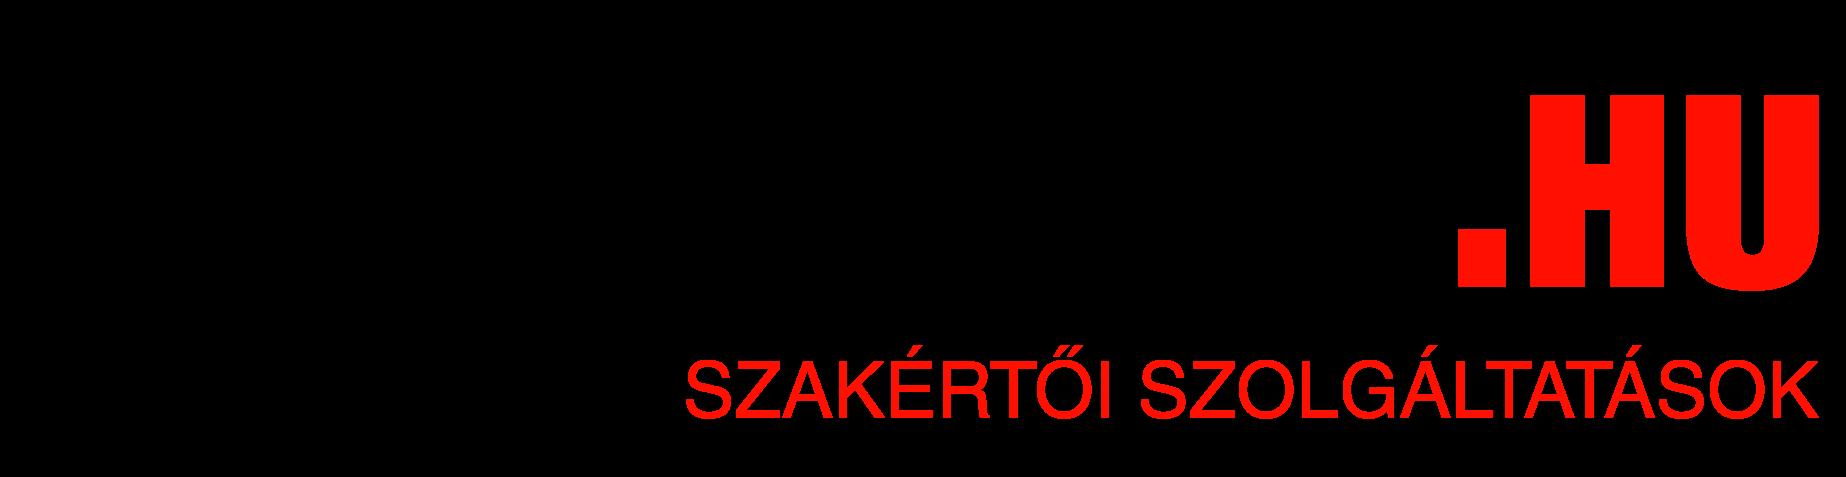 Megakran-logo-small-20